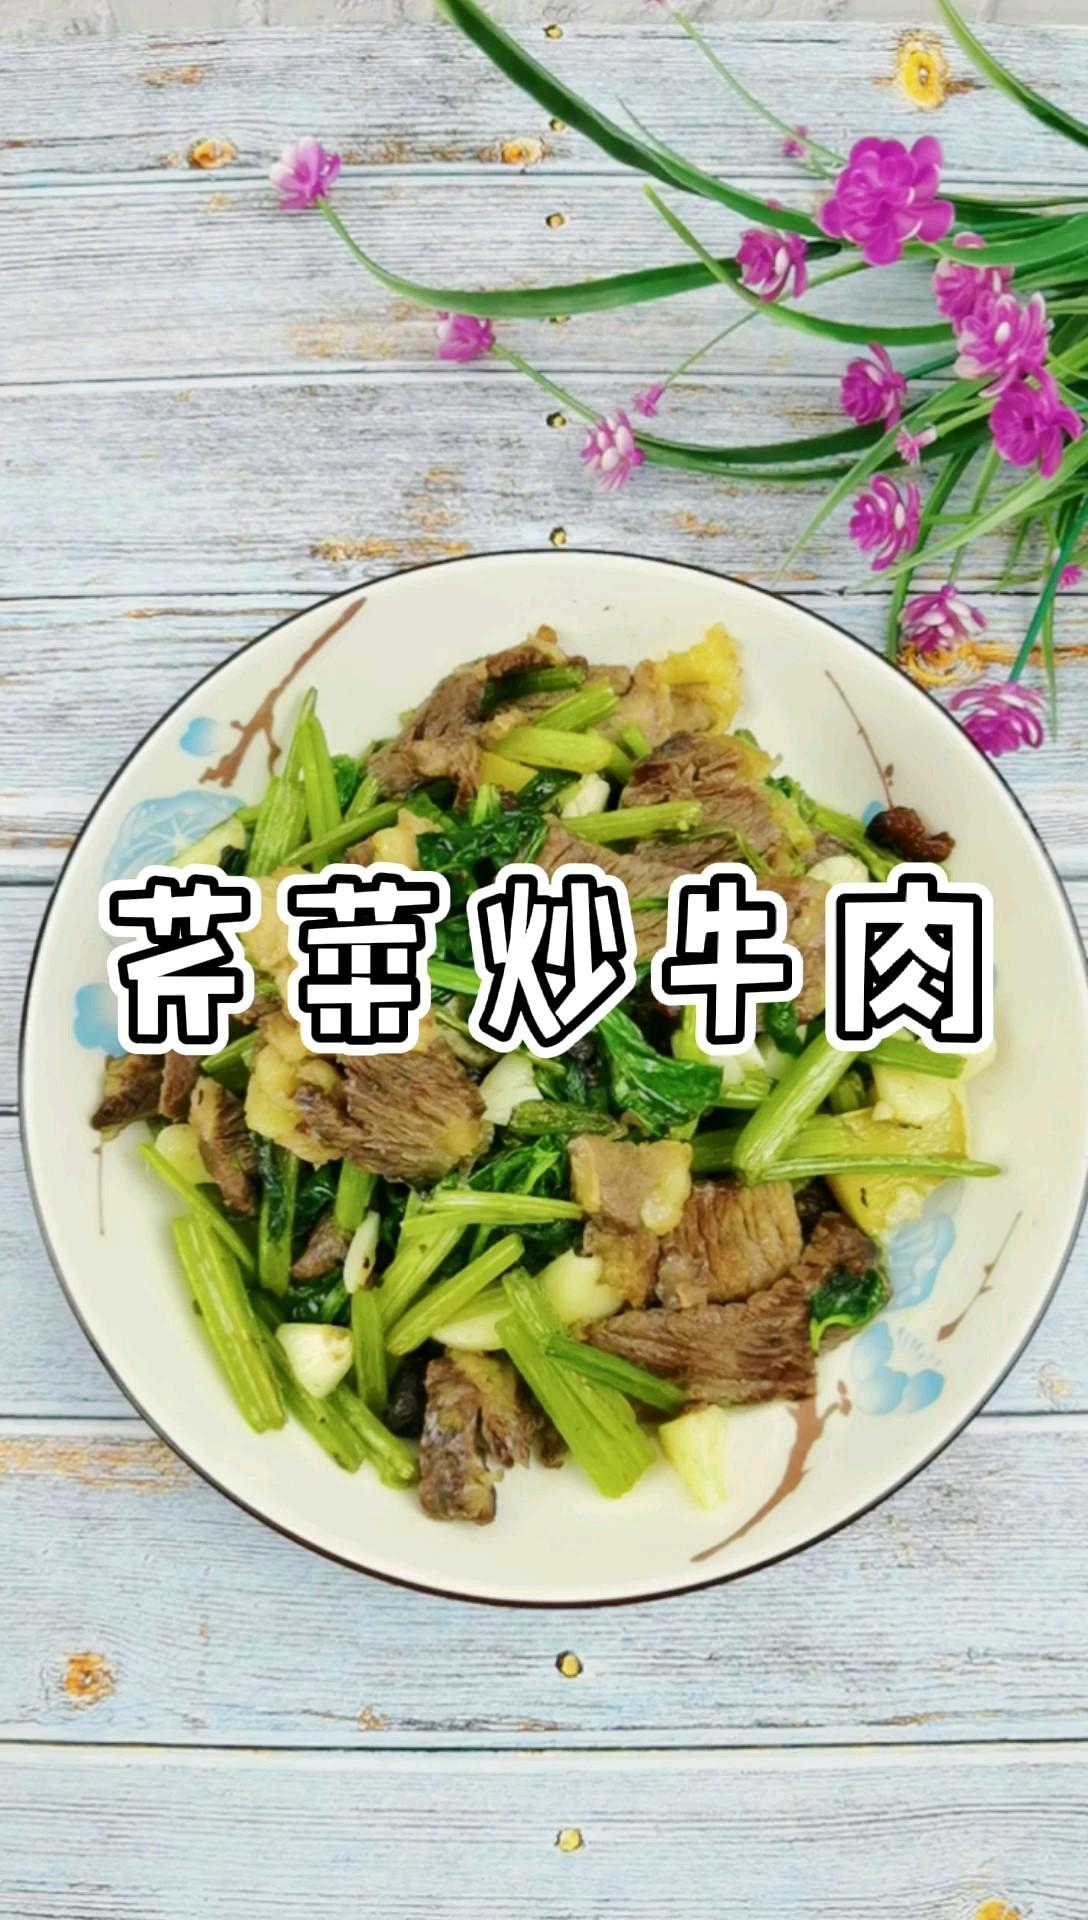 呼伦贝尔特色手把肉二次加工-芹菜炒牛肉,芹菜脆嫩,牛肉鲜美,家常做法好吃下饭